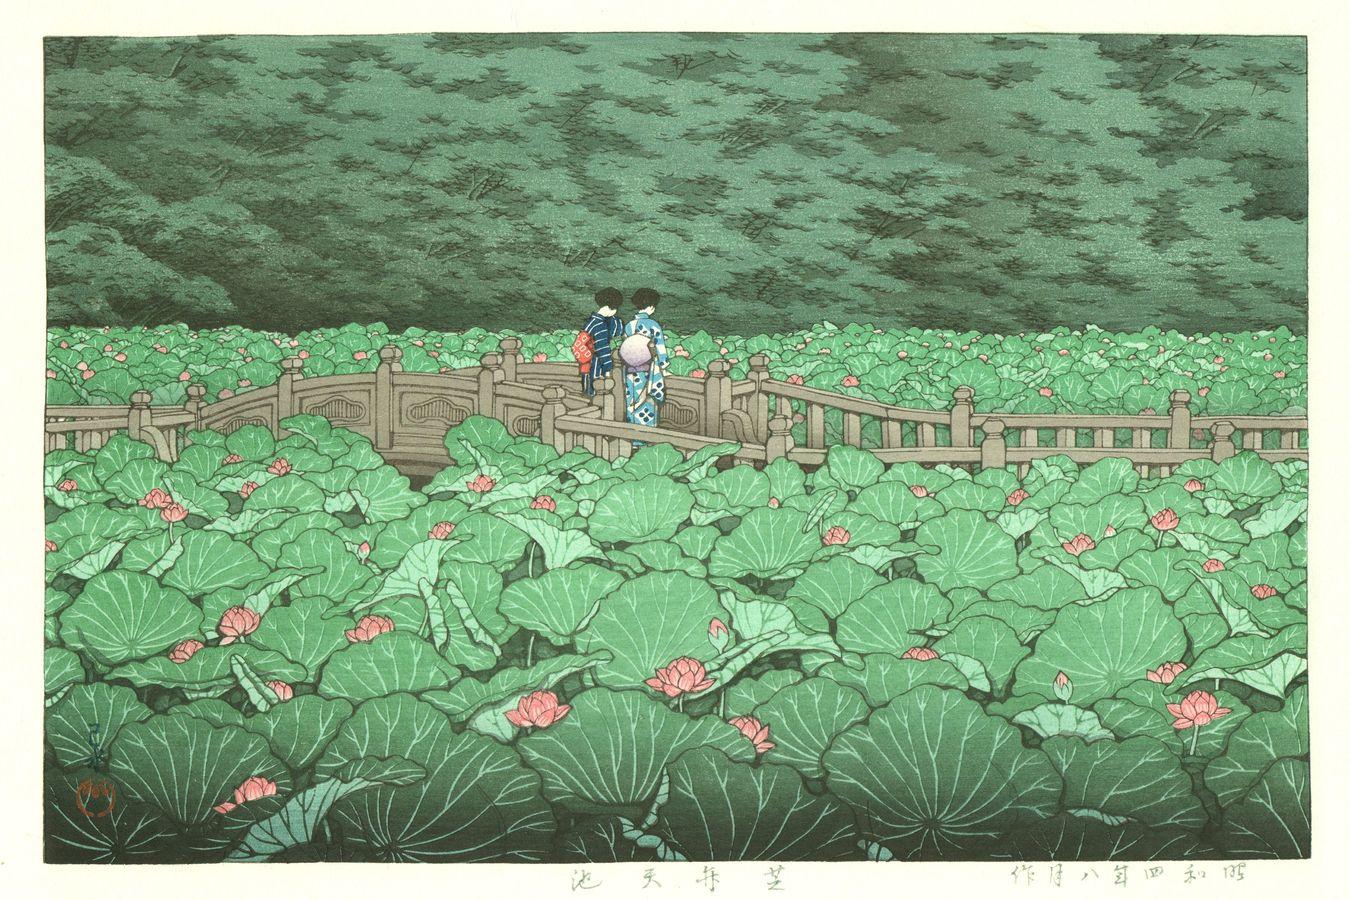 Hasui Kawase 1929 - Mare de Shiba Benten - Editeurs Kawaguchi et Sakai puis Shobisha